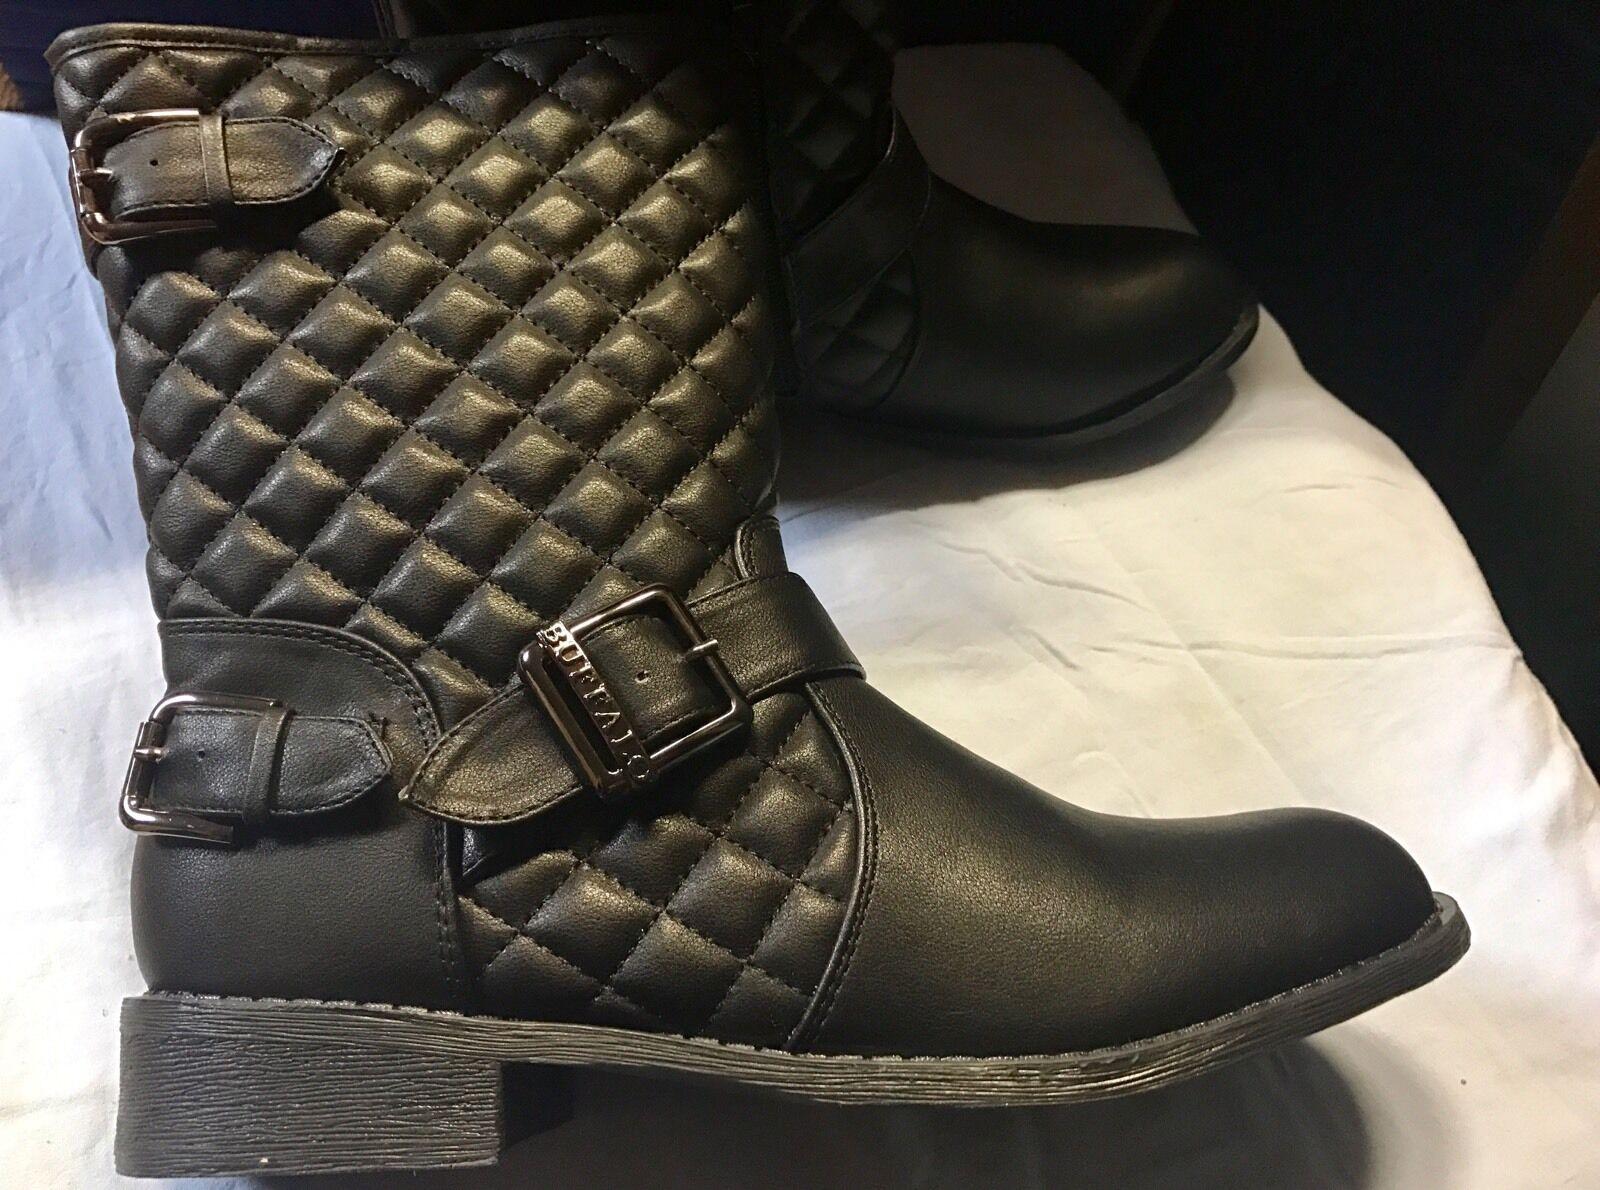 Stivaletti e cuio tronchetti BUFFALO Tg. 41 cuio e ankle boots in black 94e2a5